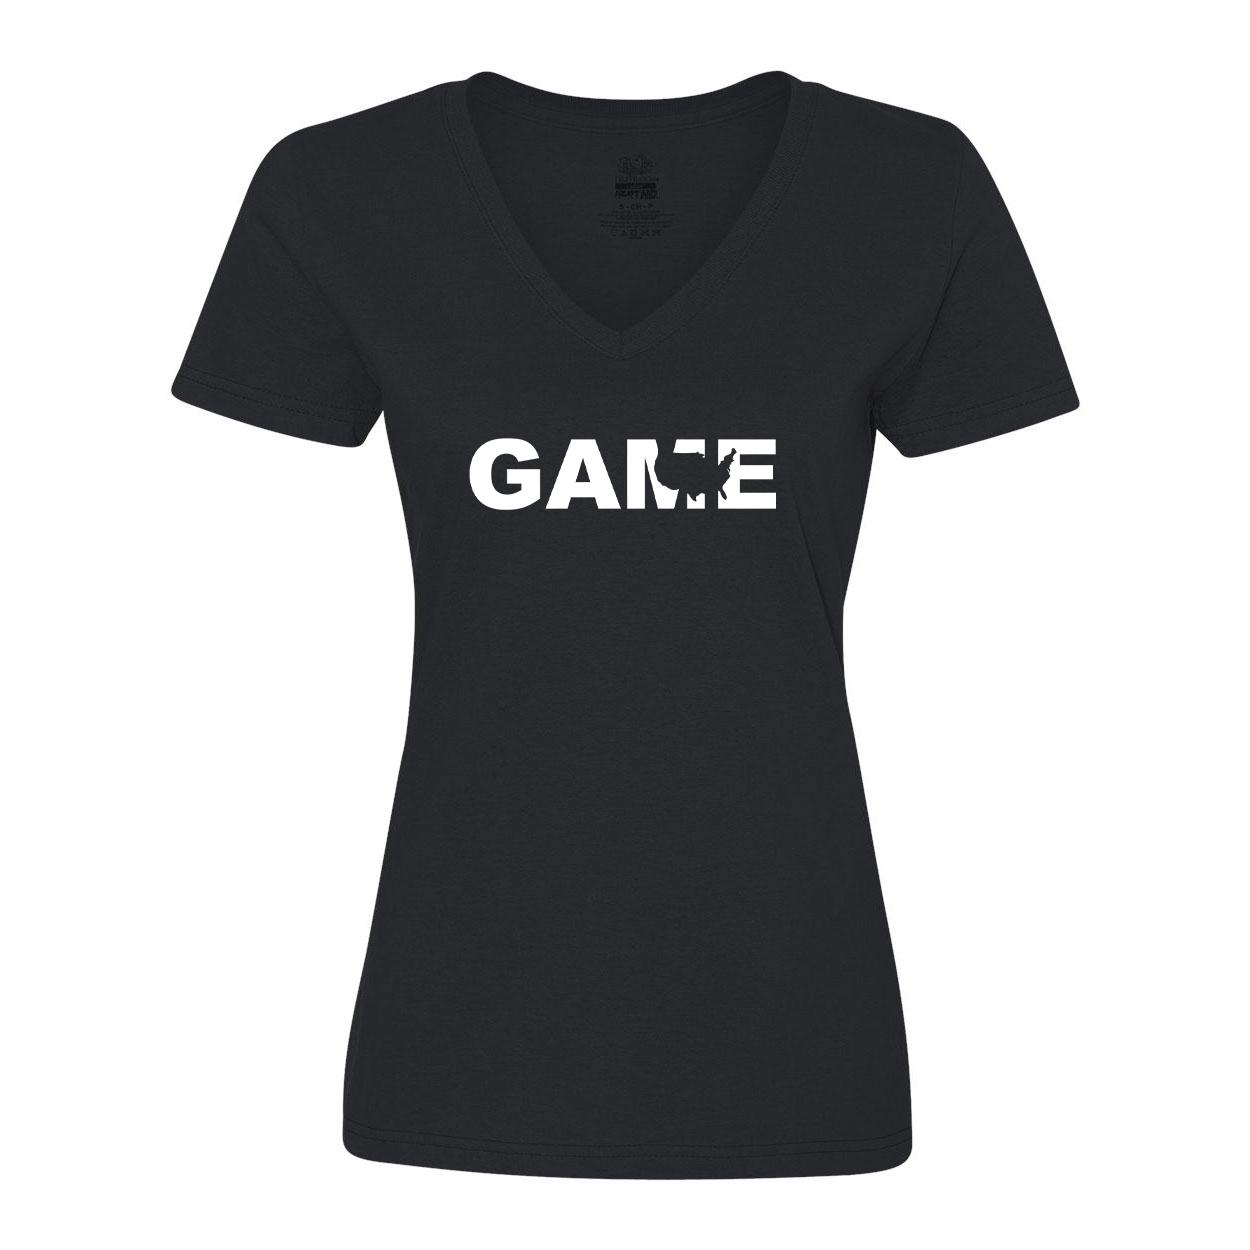 Game United States Classic Womens V-Neck Shirt Black (White Logo)